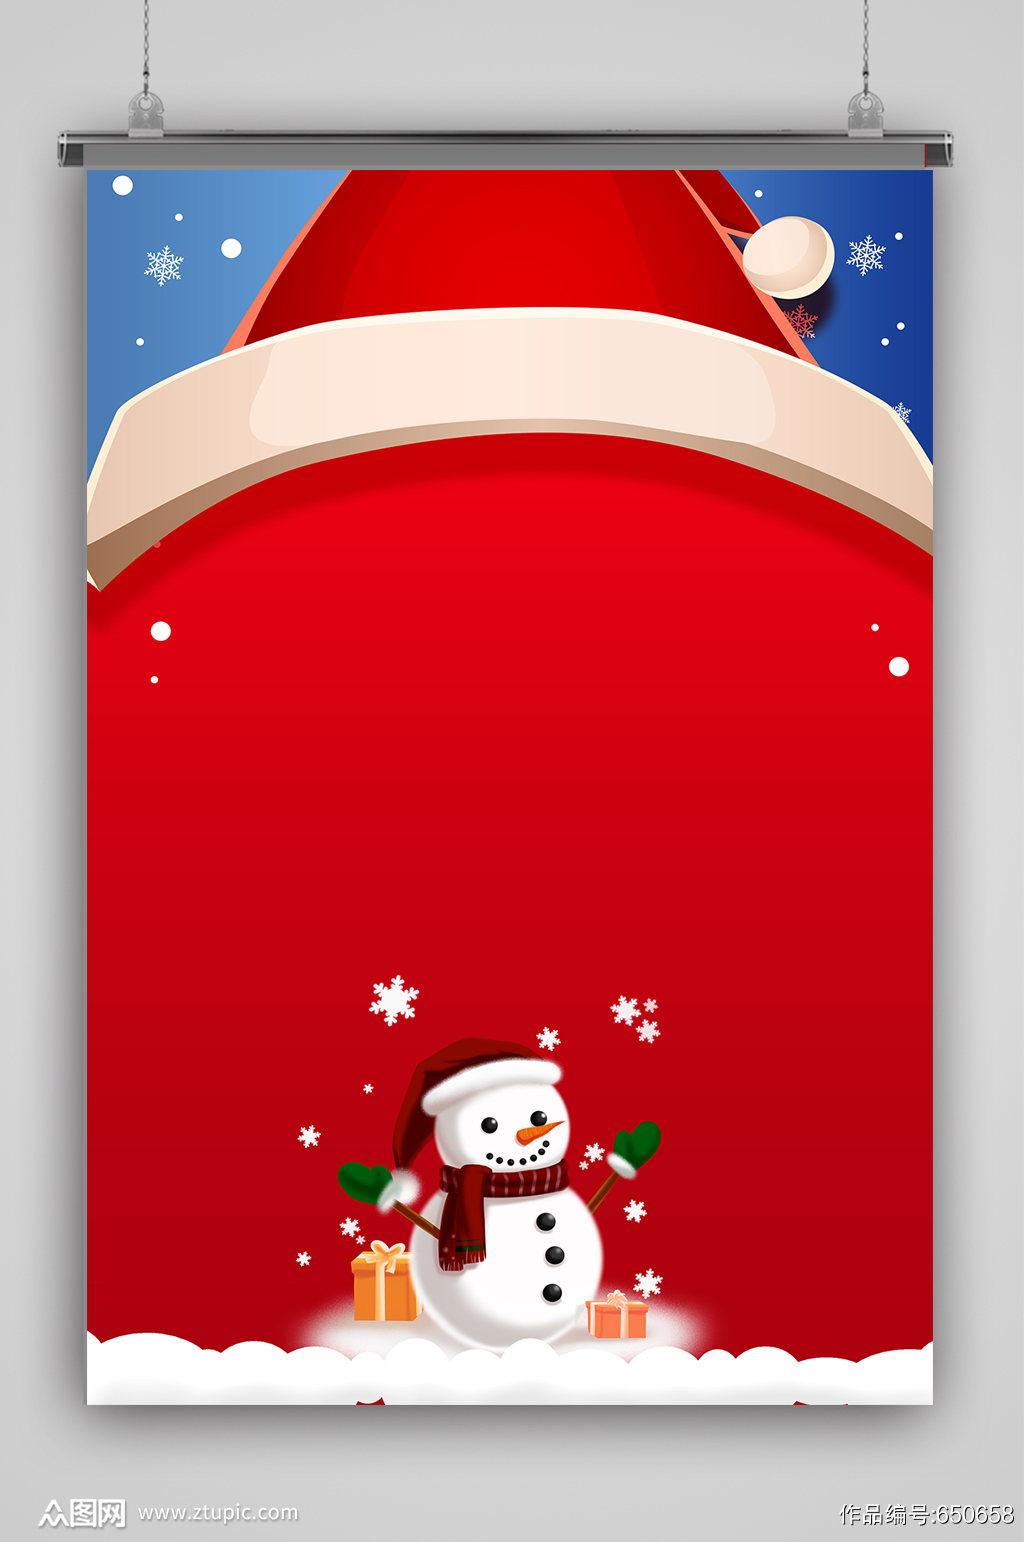 卡通雪人圣诞帽海报背景素材